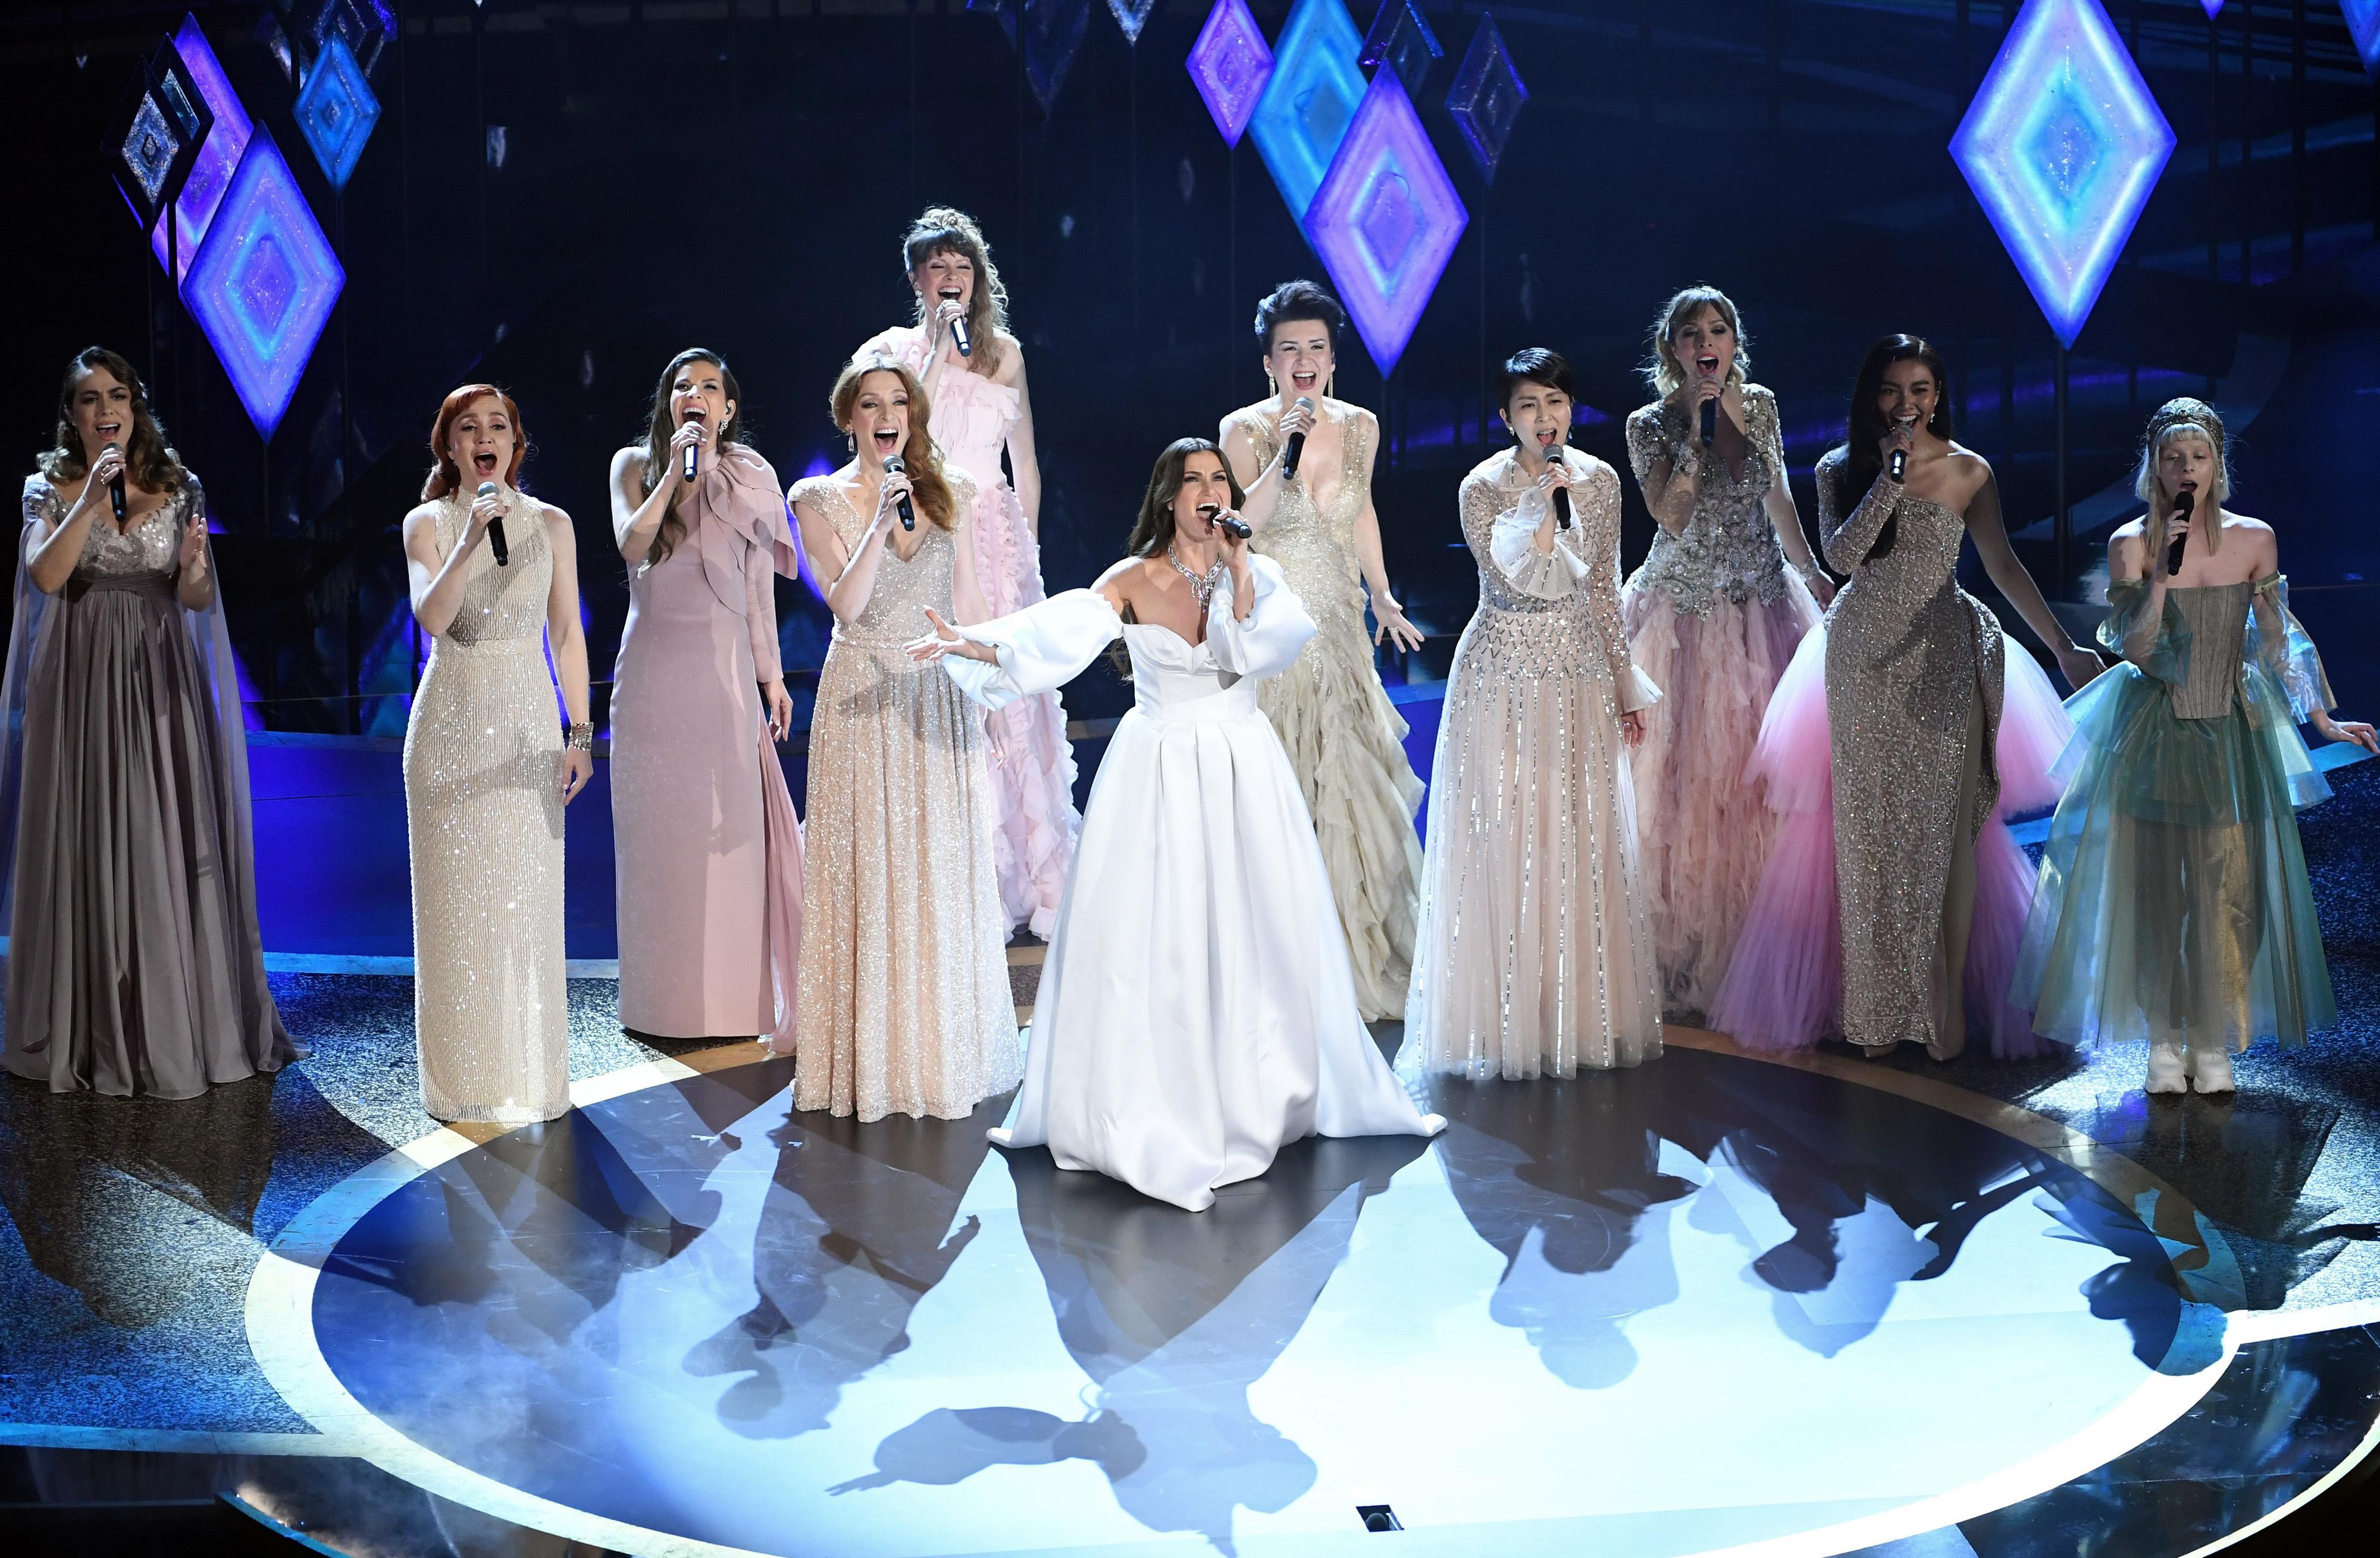 歌手 アナと雪の女王